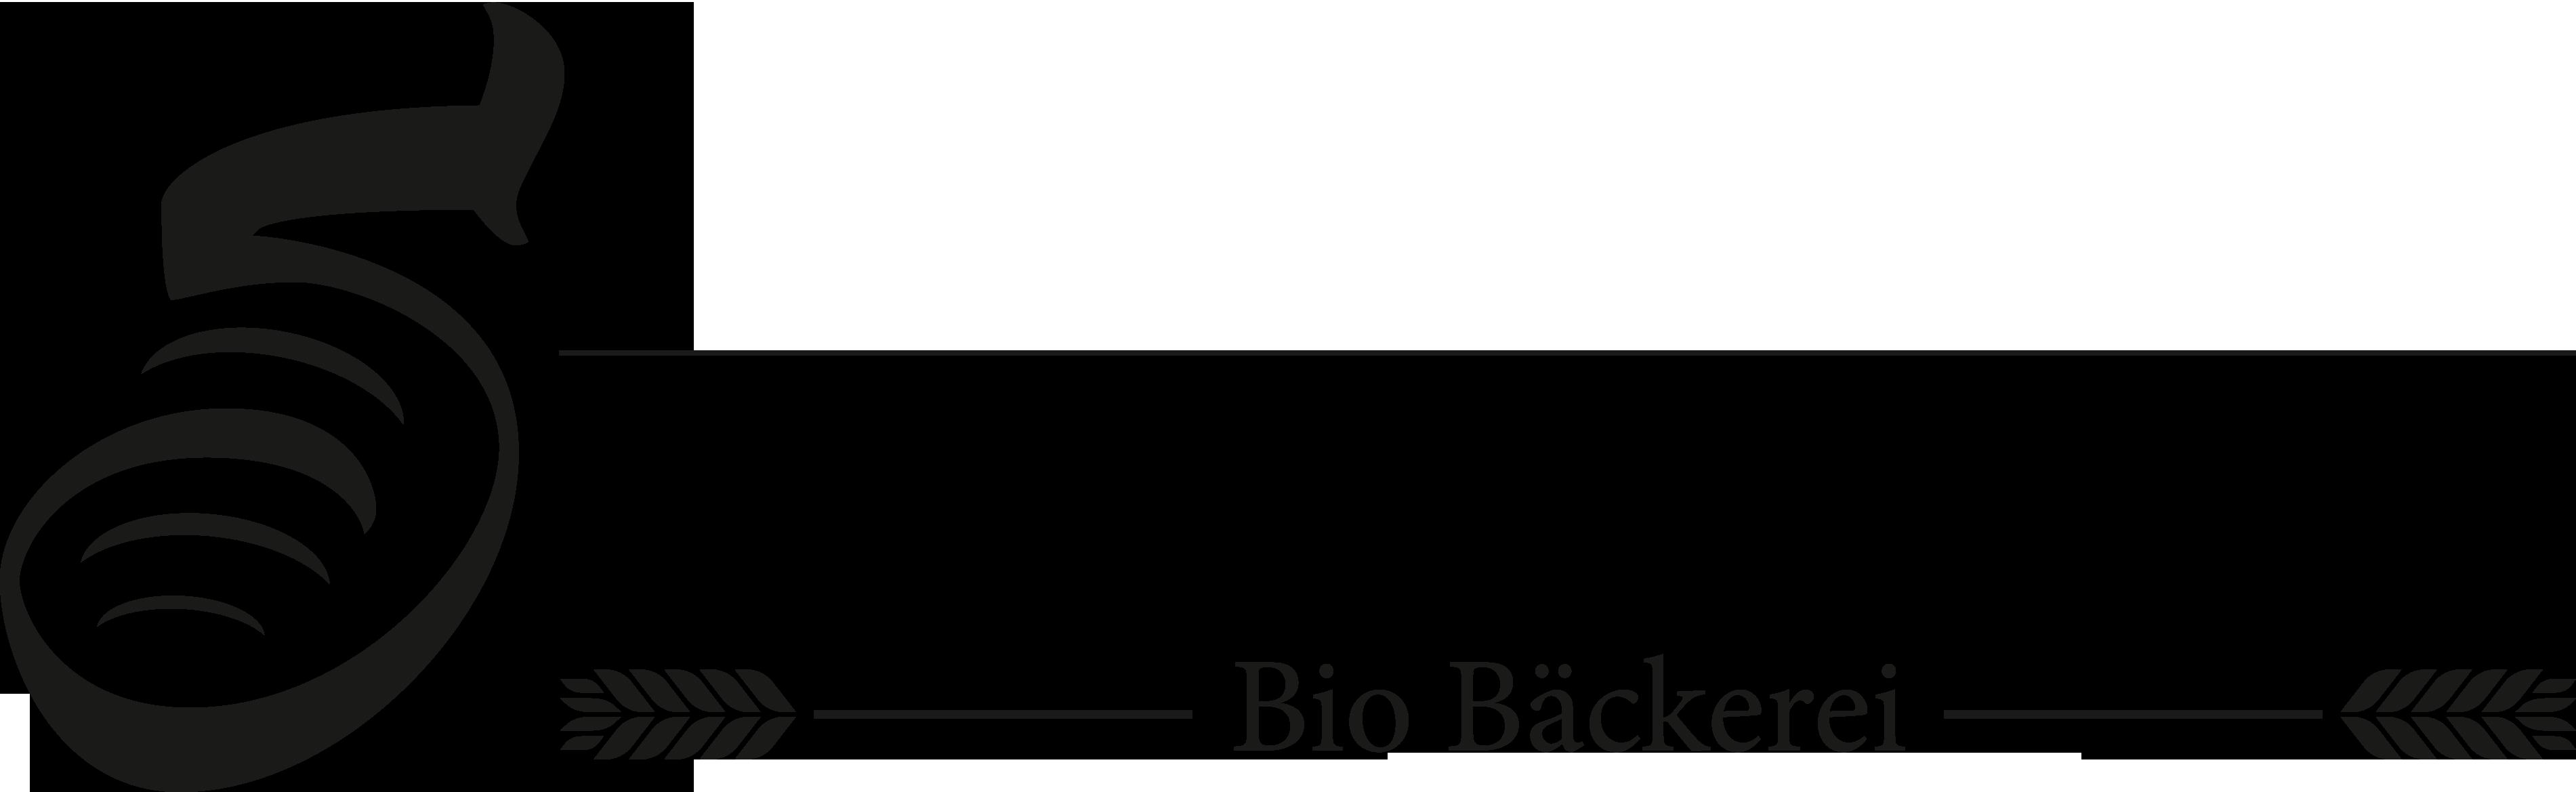 Spiegelhauer Bio Bäckerei